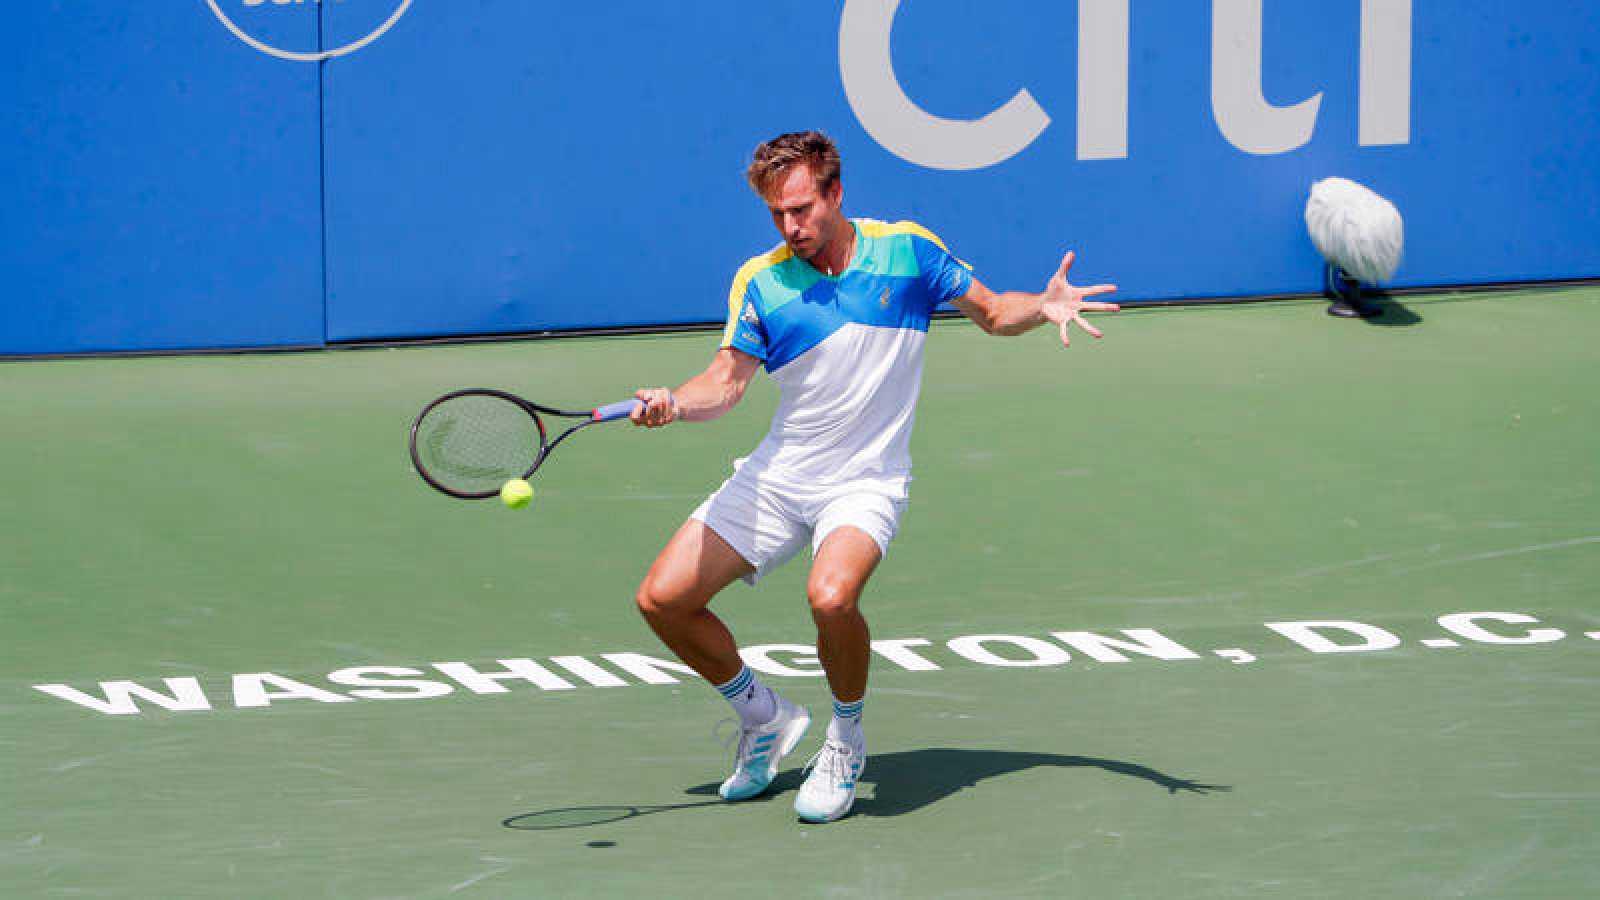 El tenista alemán Peter Gojowczyk golpea una pelota durante el torneo de tenis de Washington